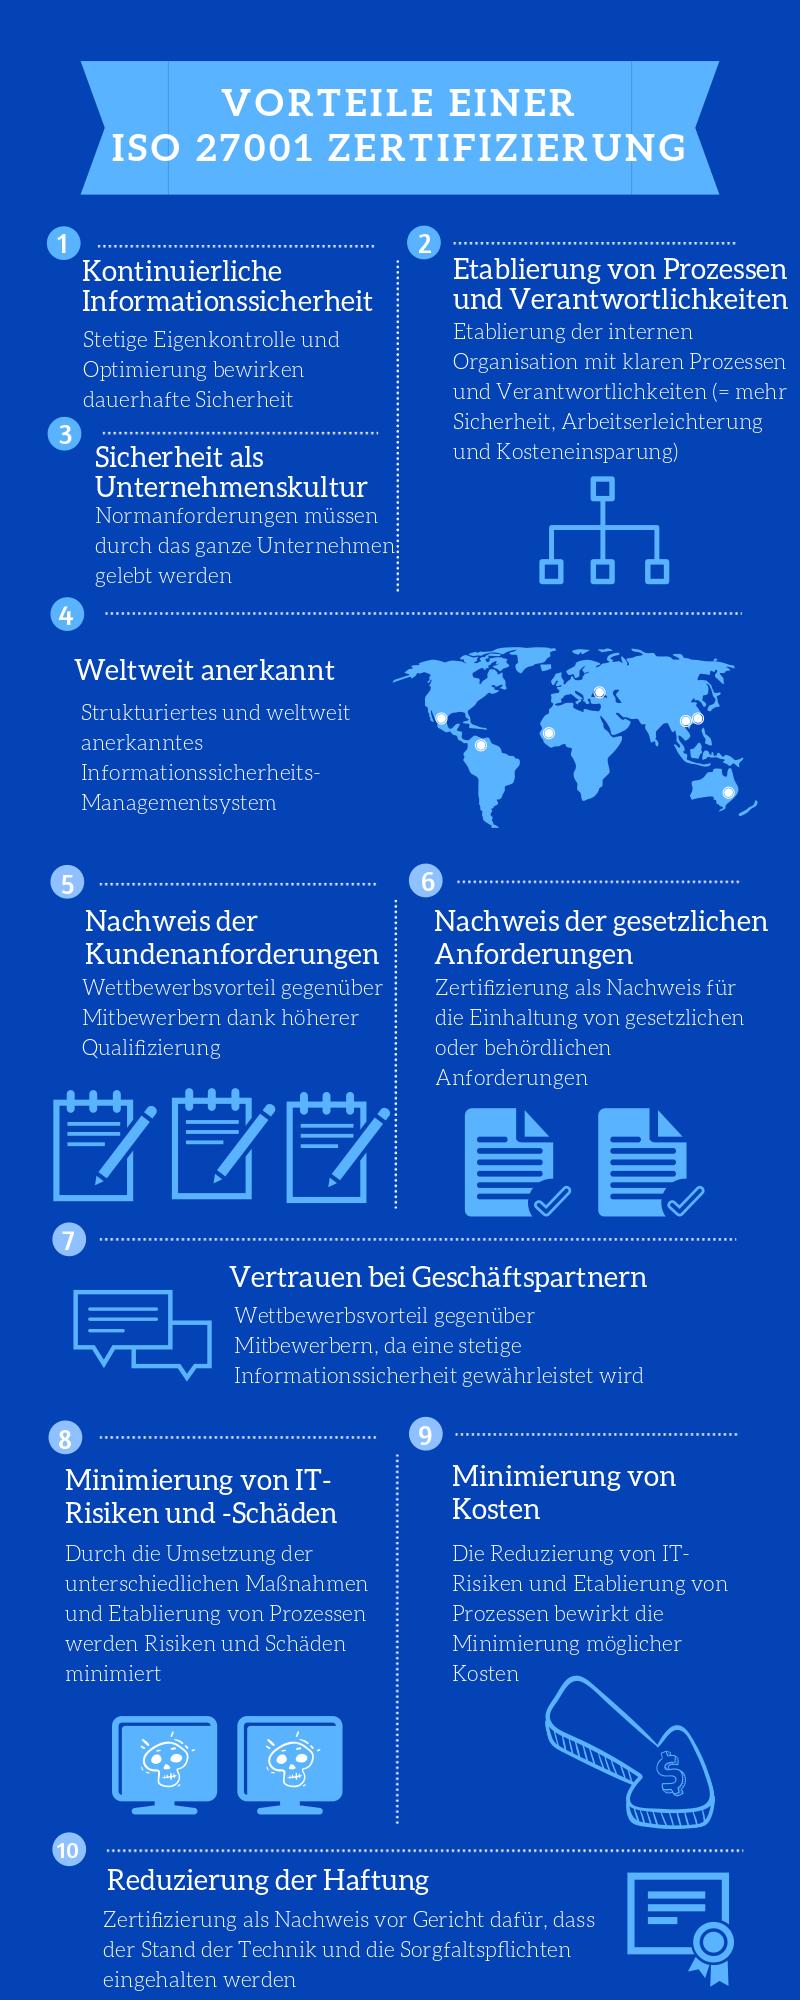 Die Vorteile einer ISO 27001 Zertifizierung für ein Unternehmen